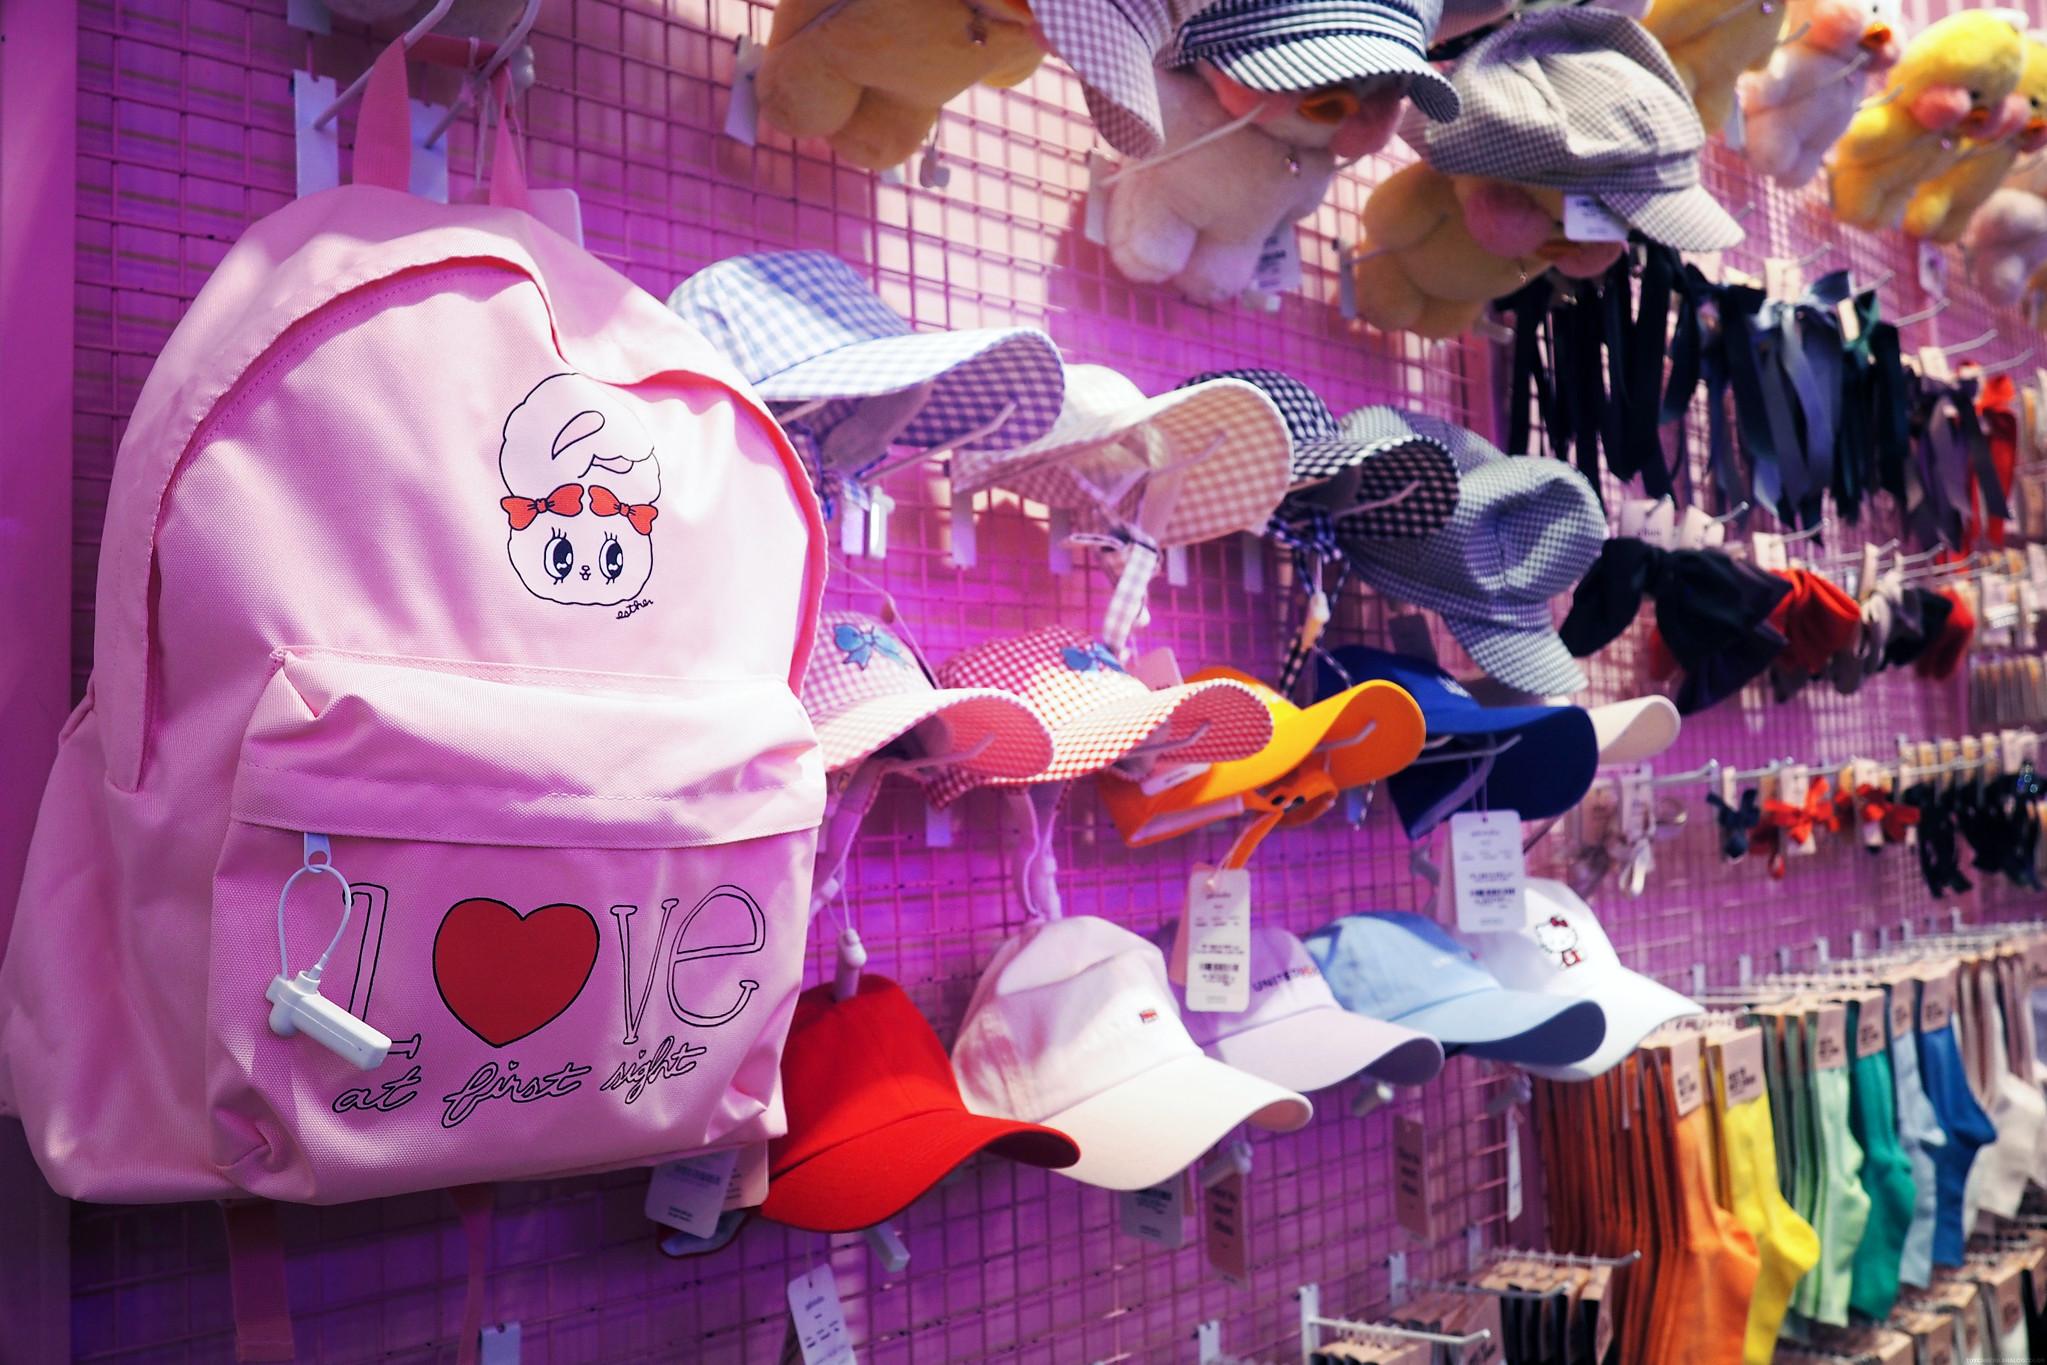 Estherlovesyou Pink Backback Estherloveschuu _effected